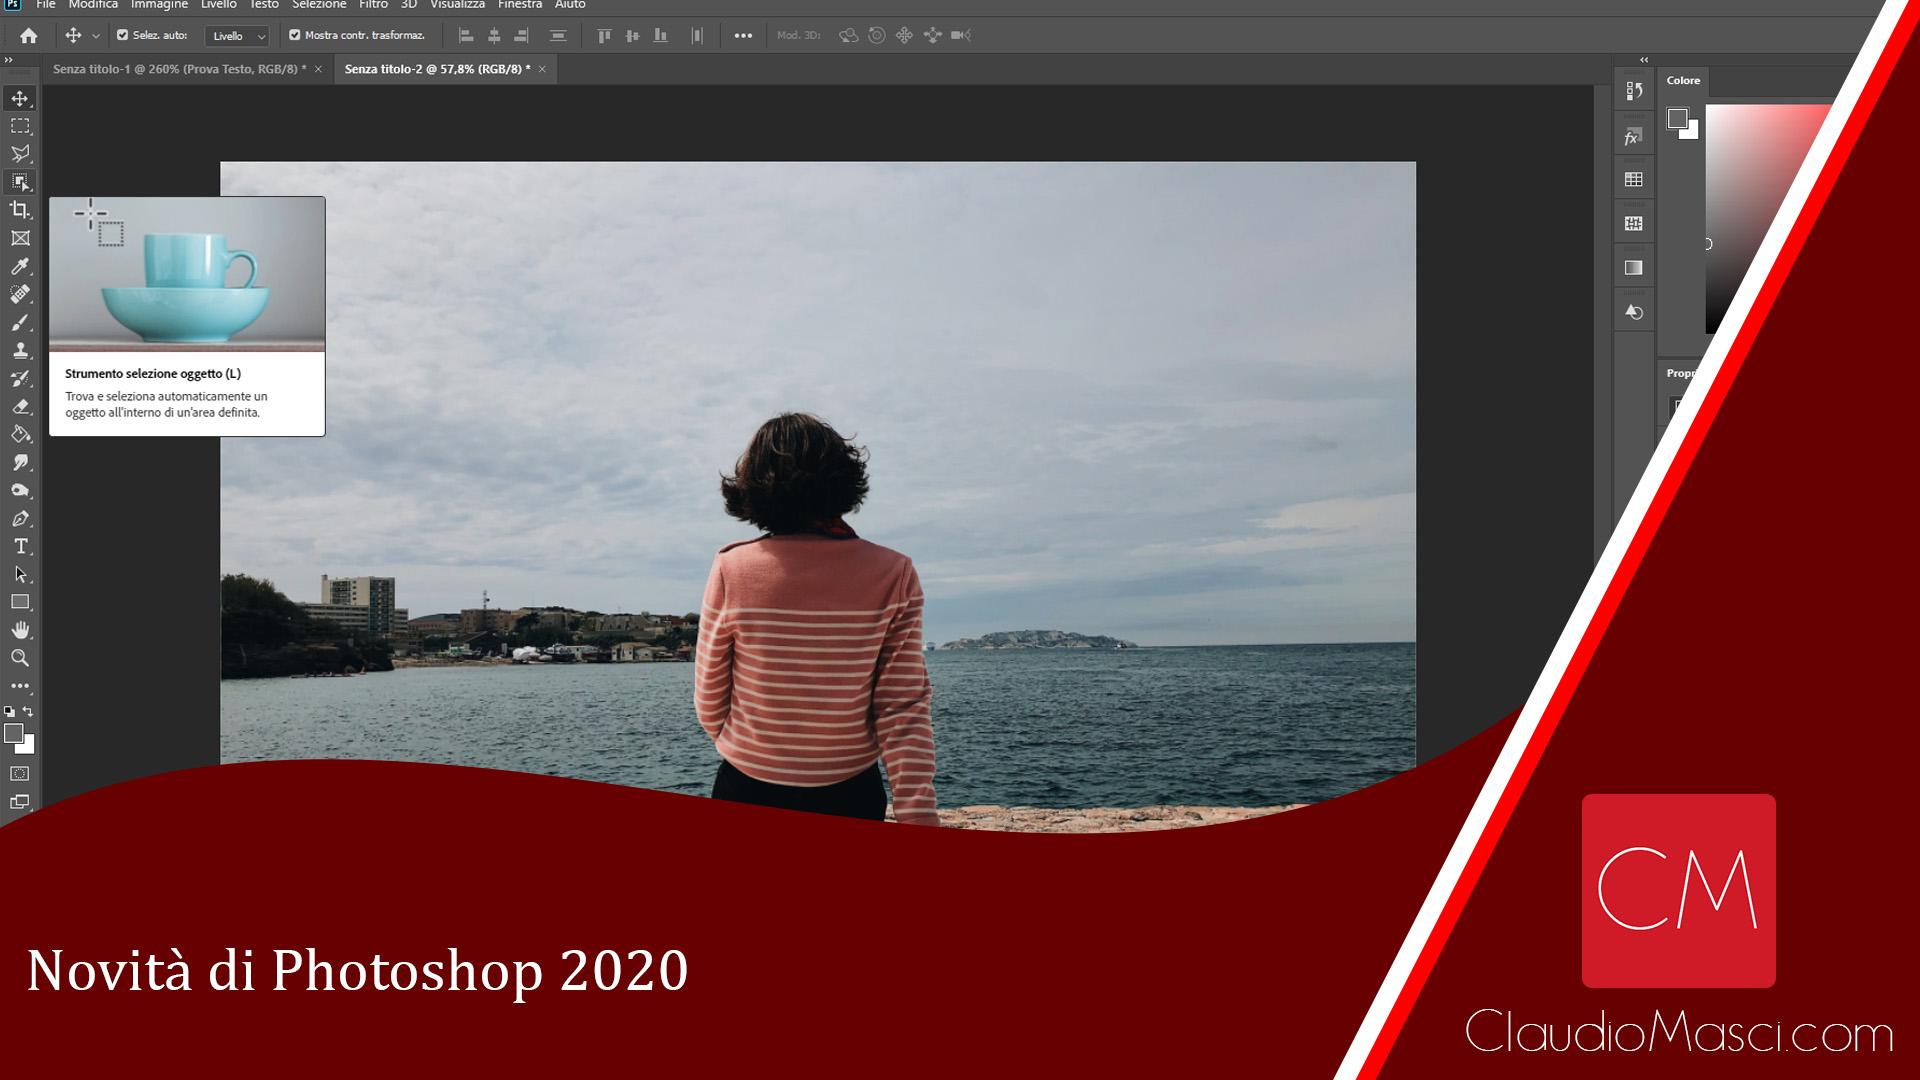 Novità di Photoshop 2020